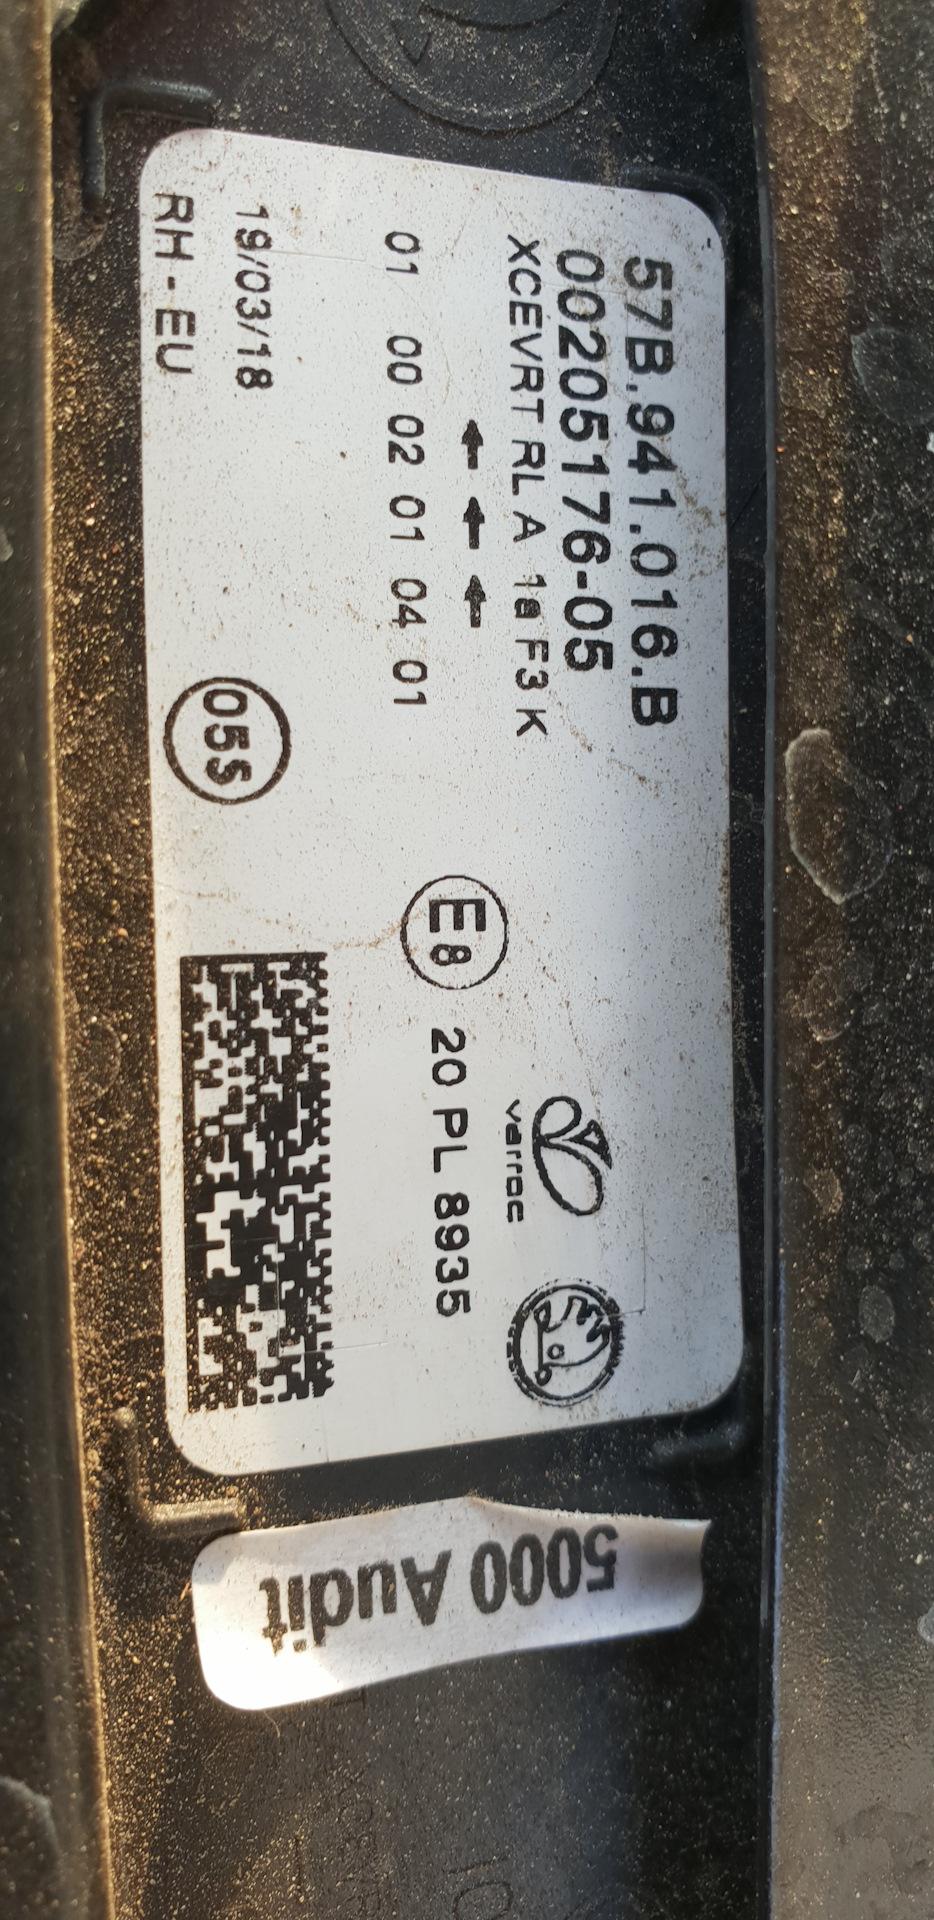 6f87j4k58a-960.jpg